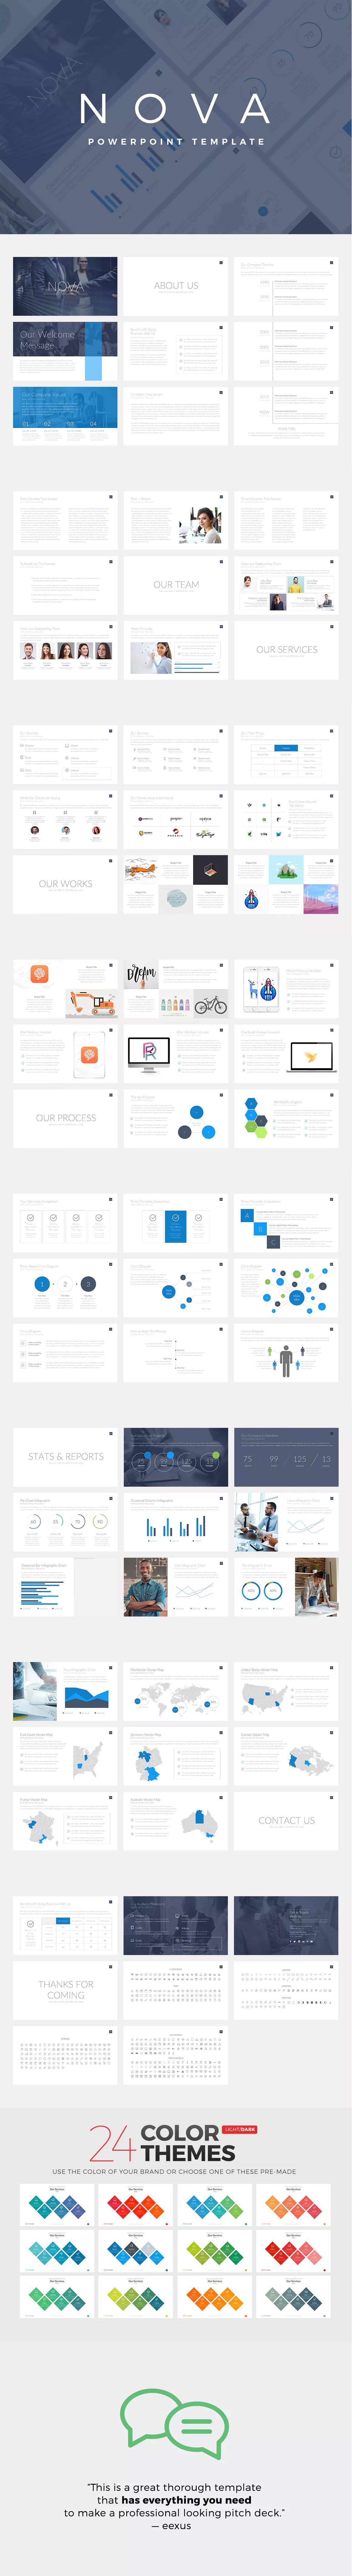 nova business powerpoint template pitch deck powerpoint